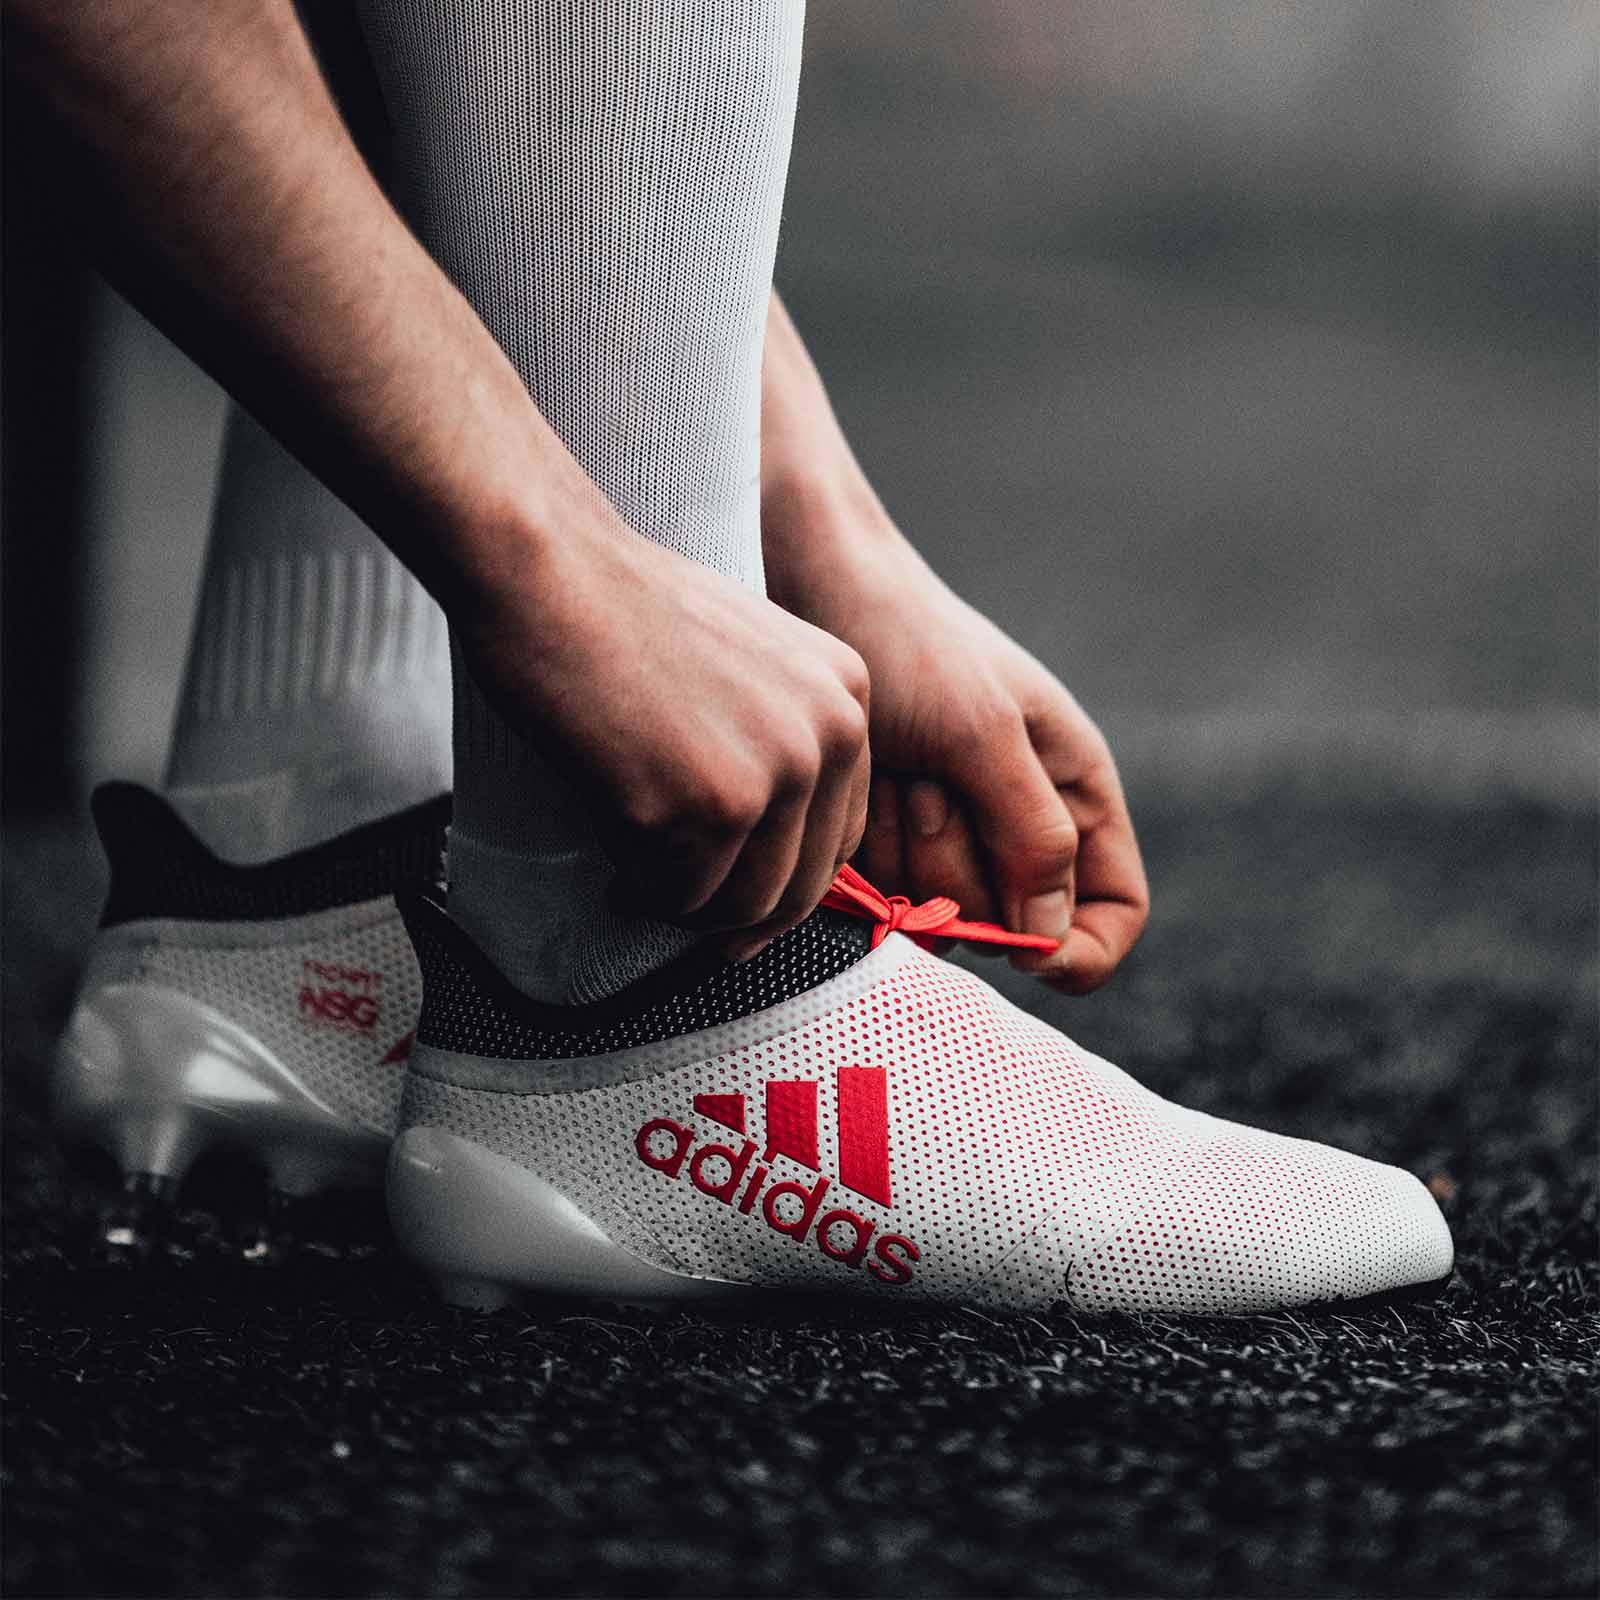 d606821c4bb adidas lanceert wit rode adidas X17 Cold Blooded - Voetbal-schoenen.eu